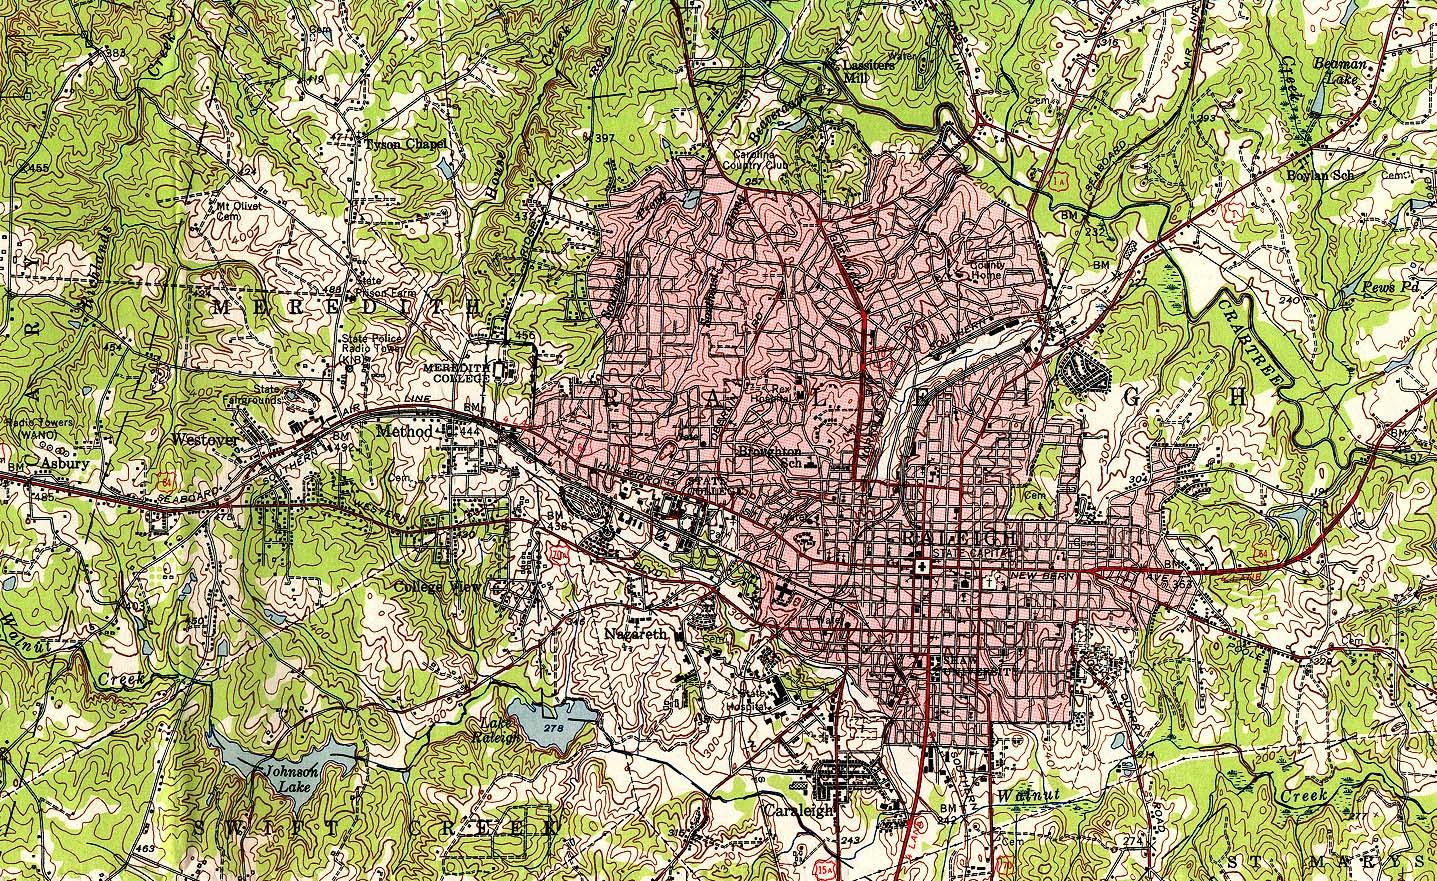 Mapa Topográfico de la Ciudad de Raleigh, Carolina del Norte, Estados Unidos 1951